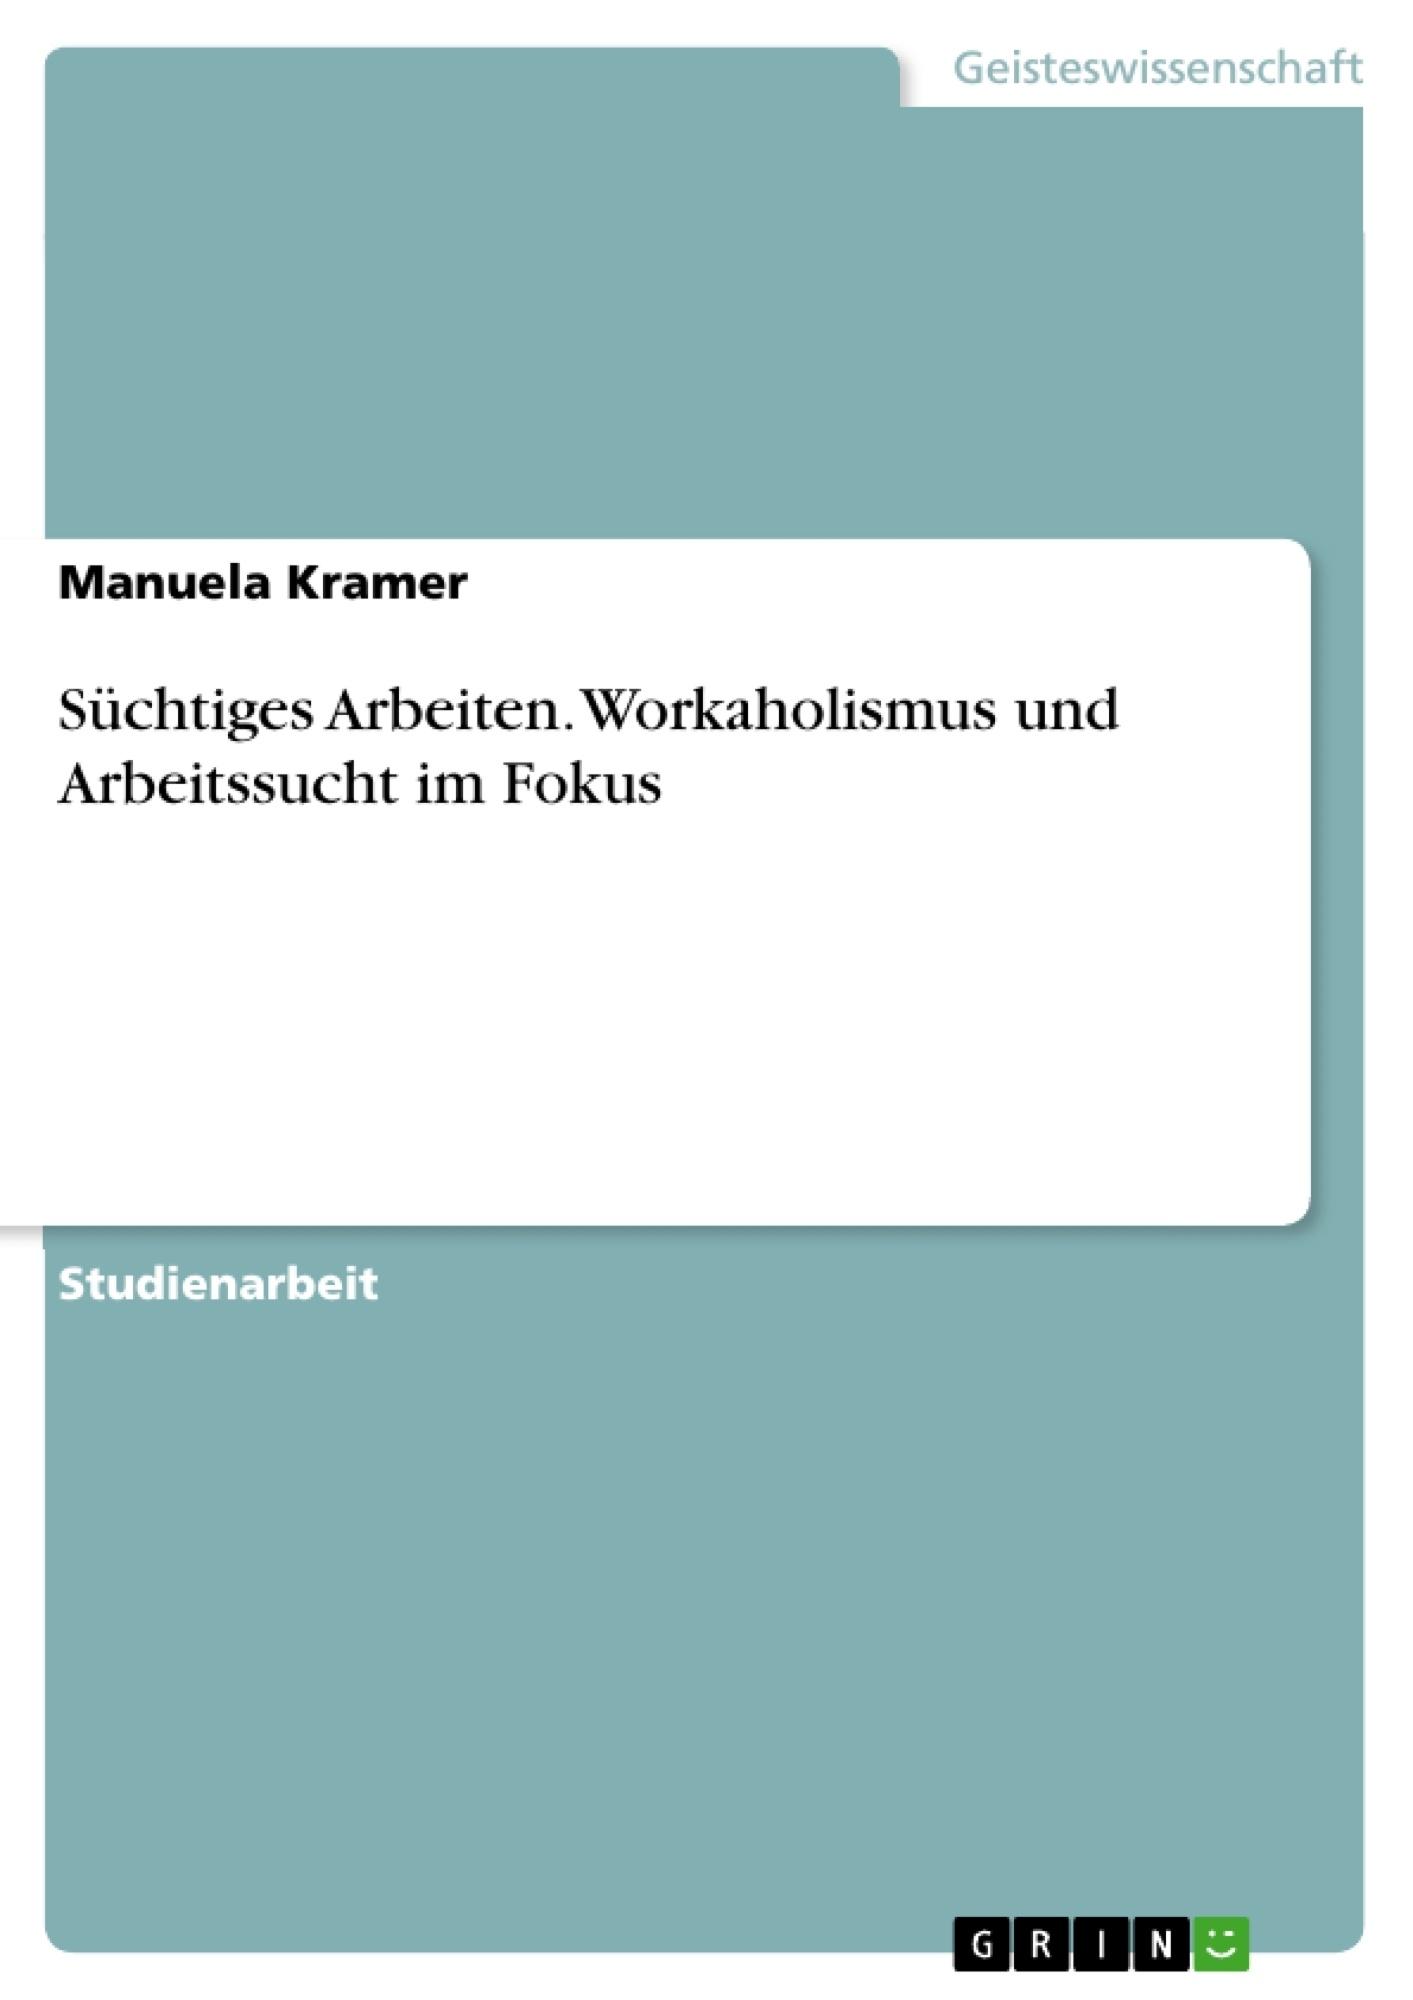 Titel: Süchtiges Arbeiten. Workaholismus und Arbeitssucht im Fokus